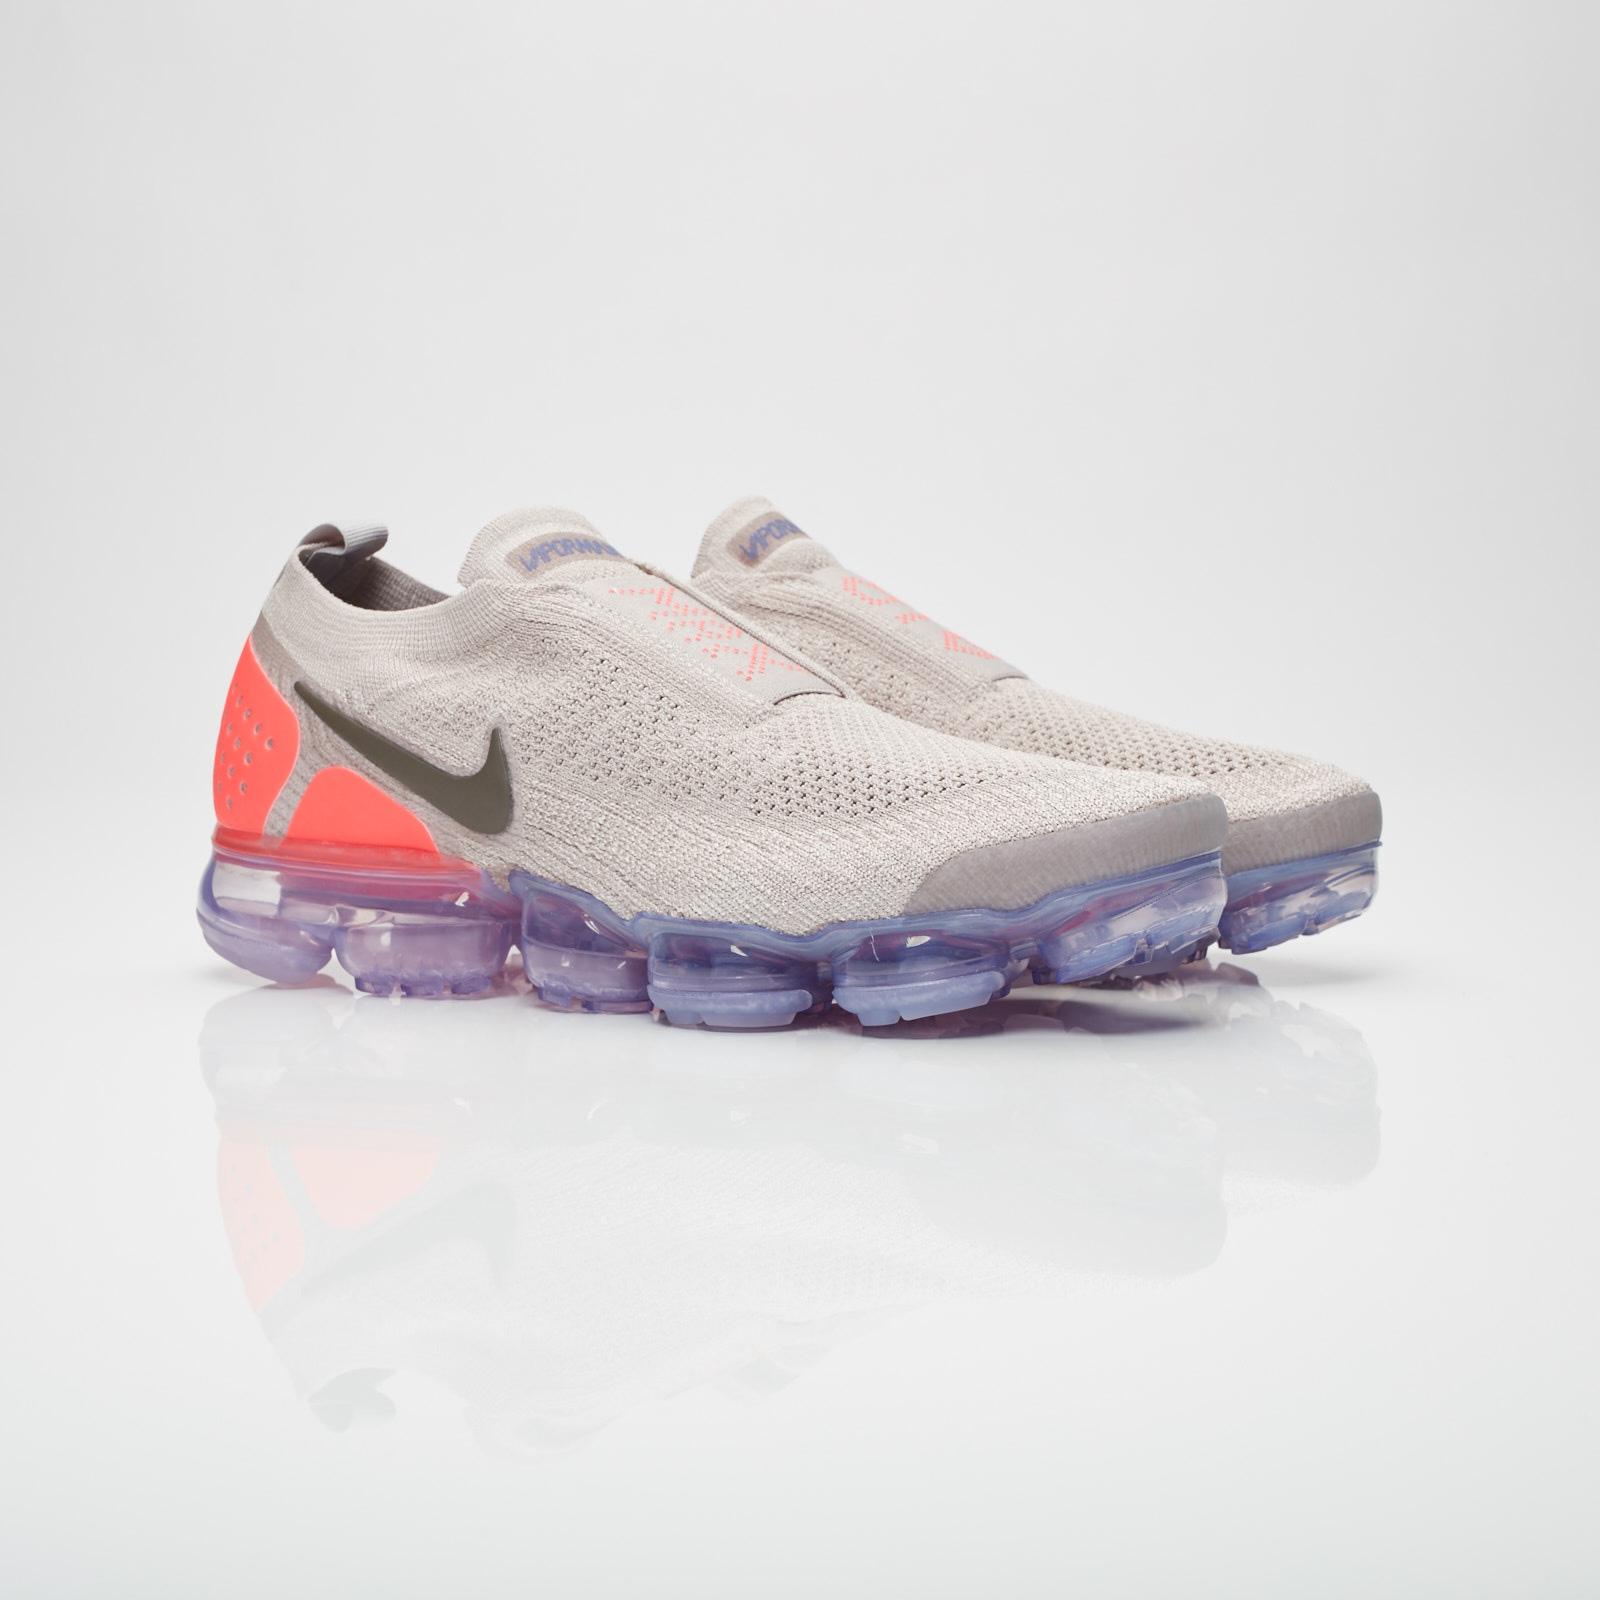 new product d5f68 bdea5 Nike Air Vapormax FK Moc 2 - Ah7006-201 - Sneakersnstuff ...